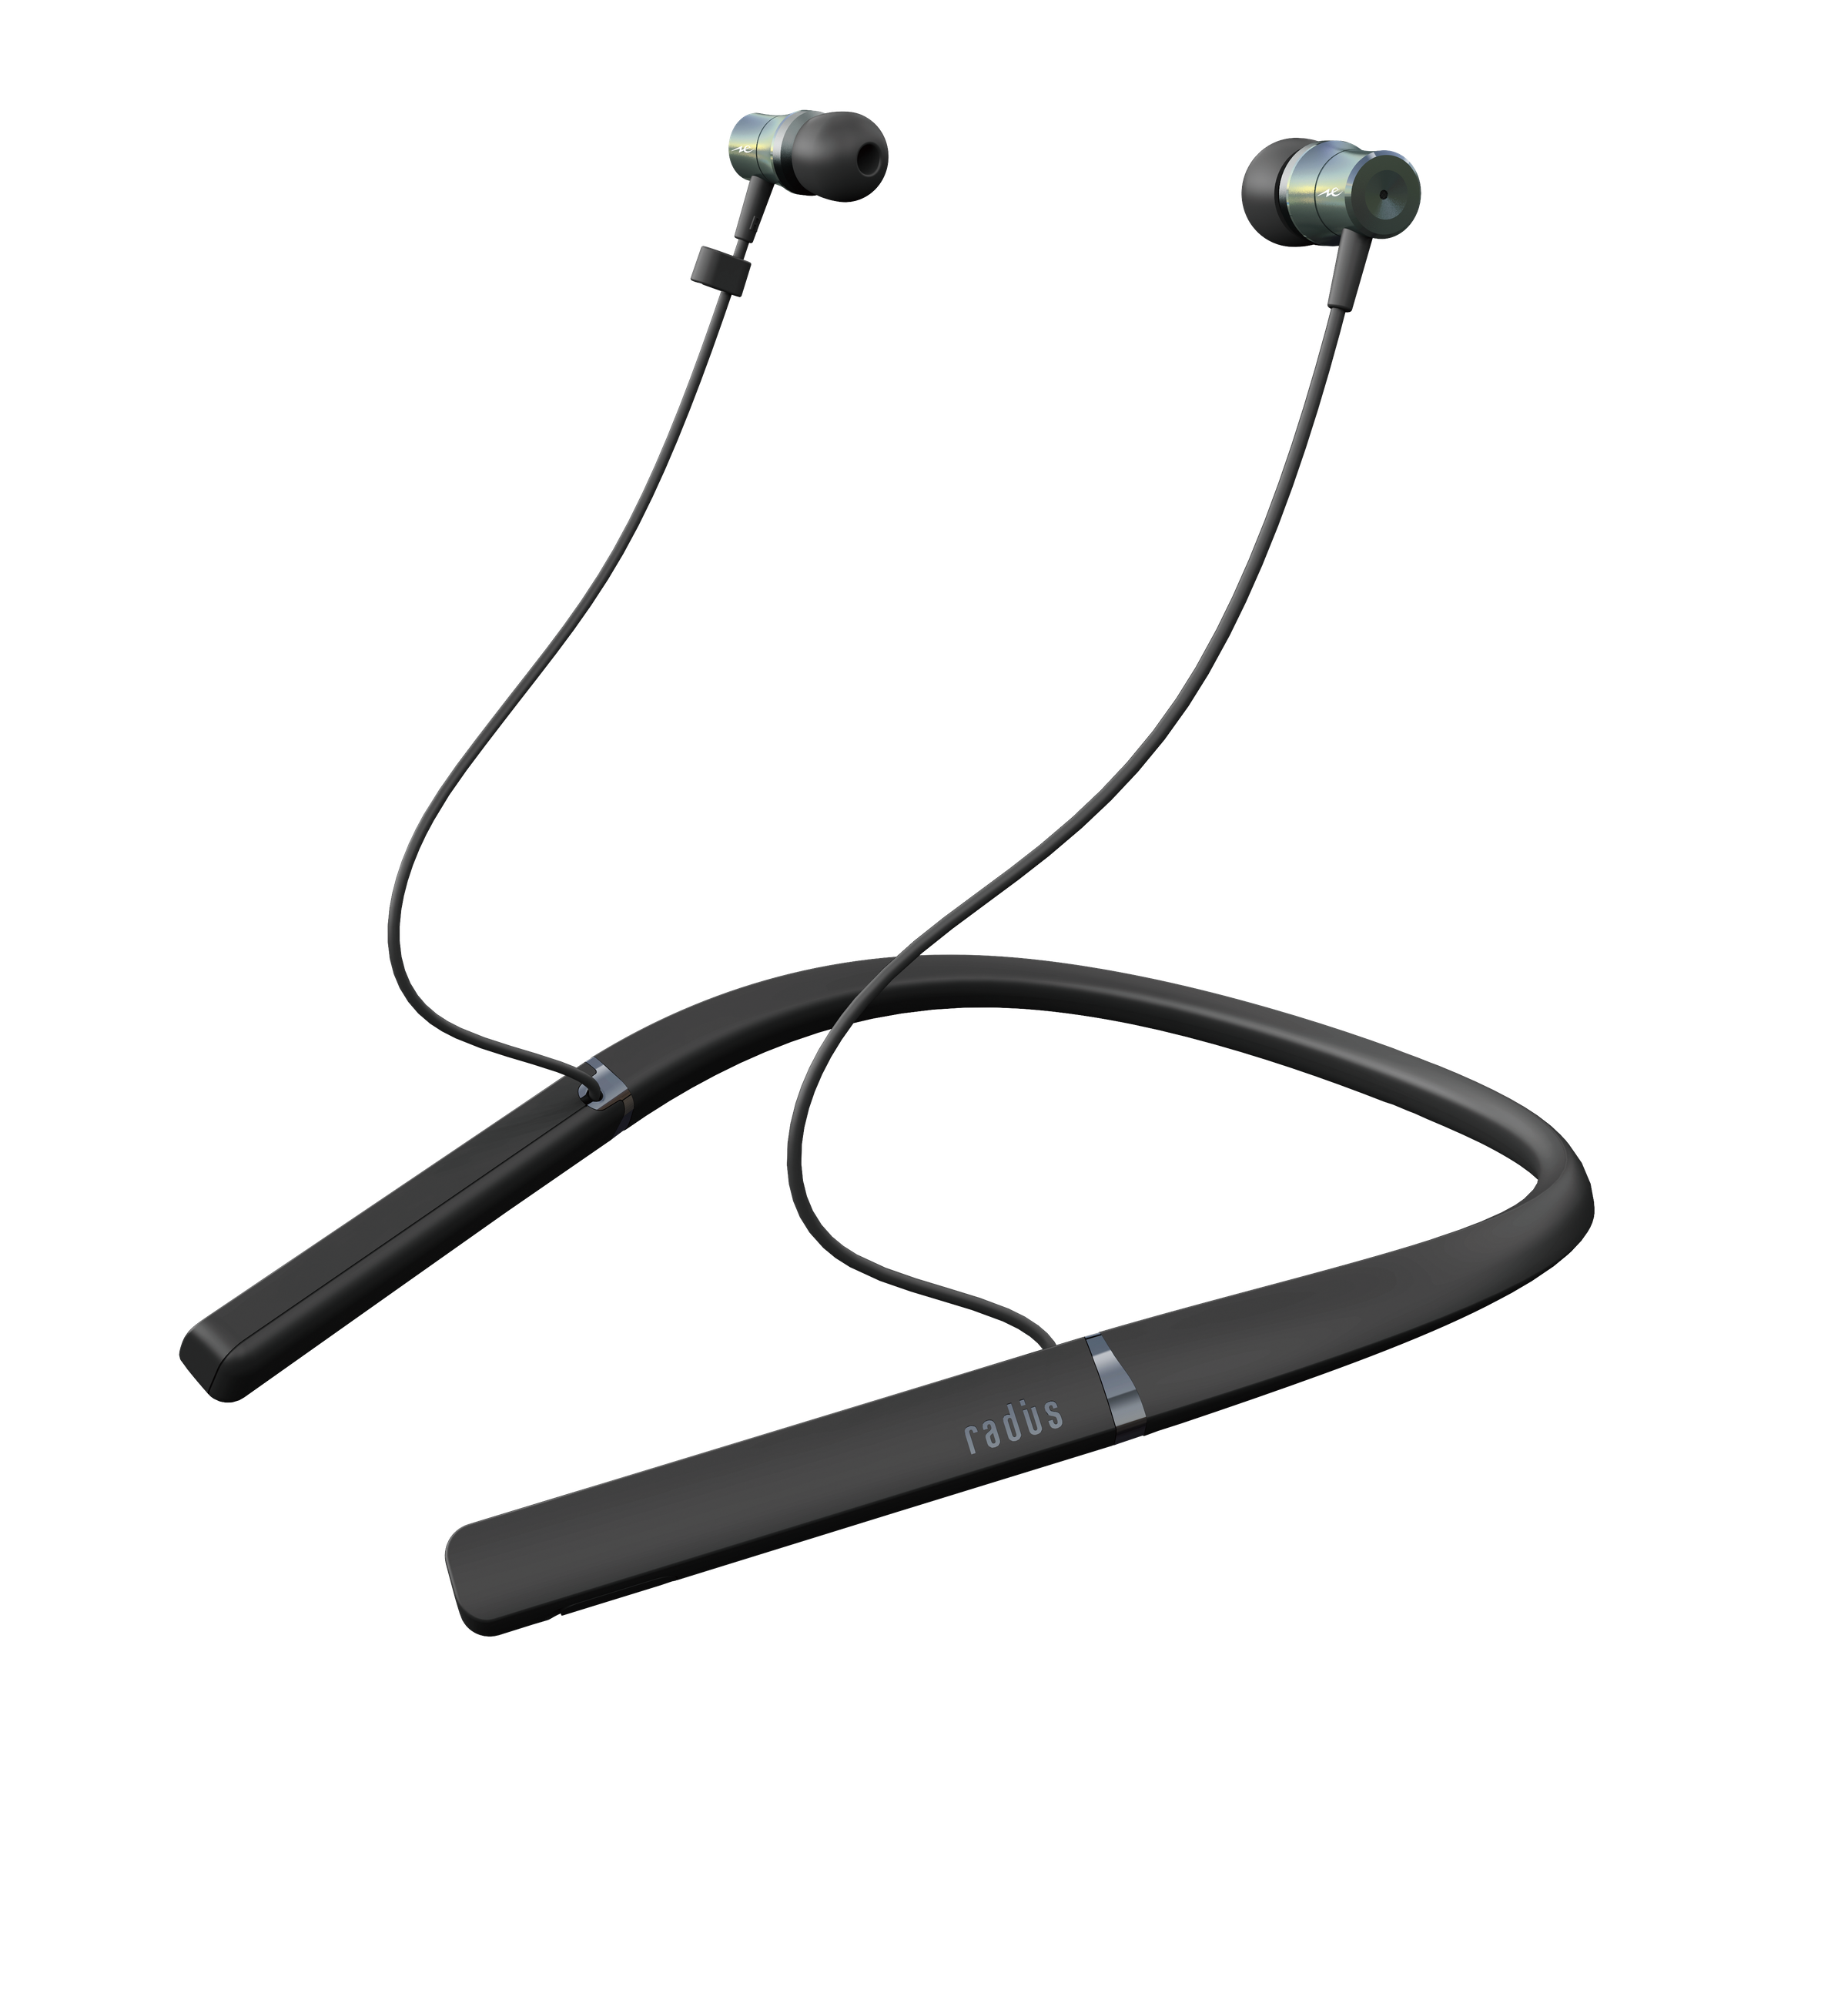 是看好 Android O 原生支援 LDAC ? Radius 宣布推出支援 LDAC 的 HP-BTL01 耳機這篇文章的首圖